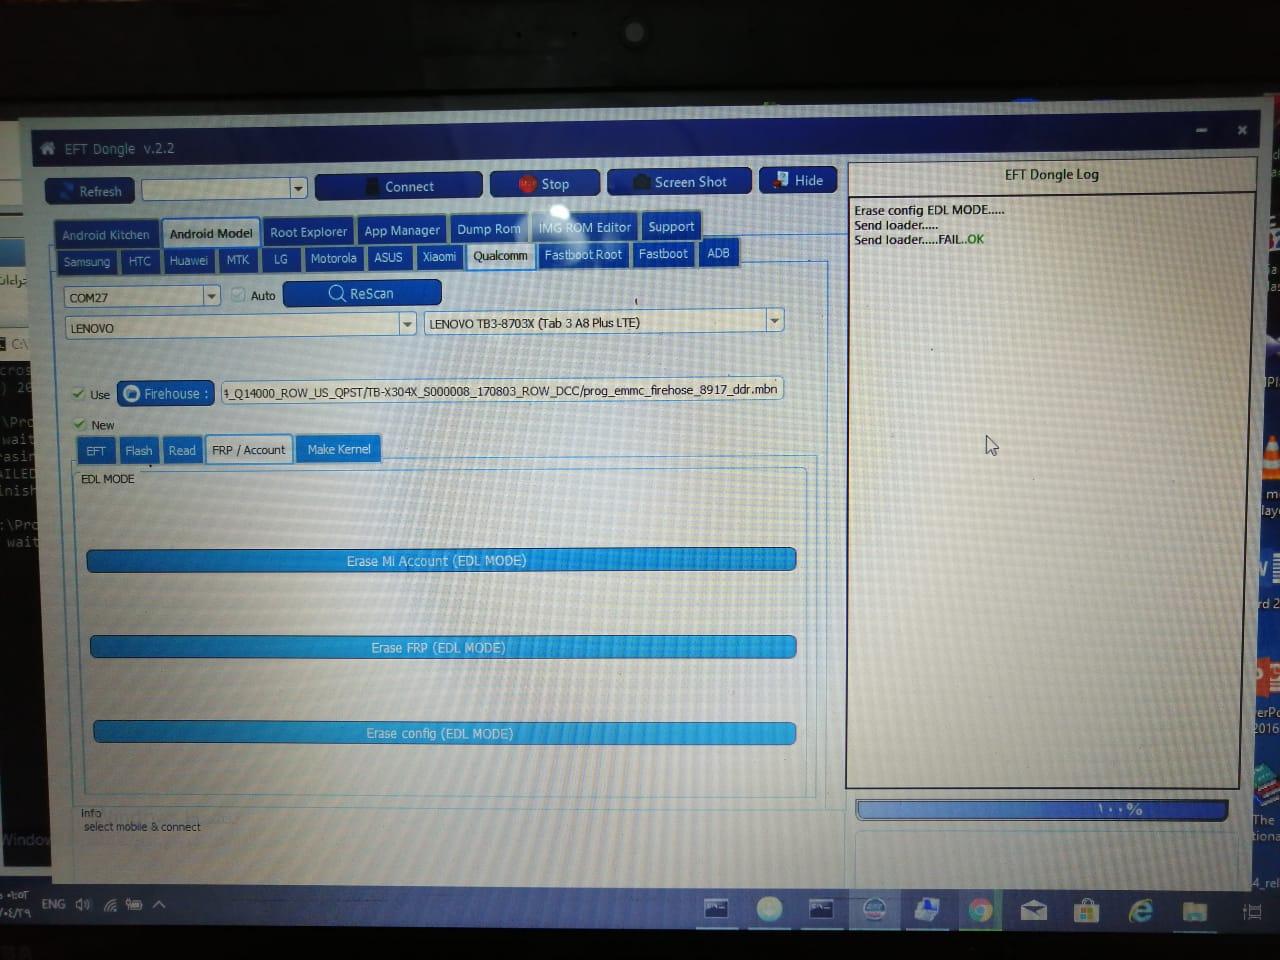 تخطي frp لجهاز lenovo tb-x304x - الصفحة 1